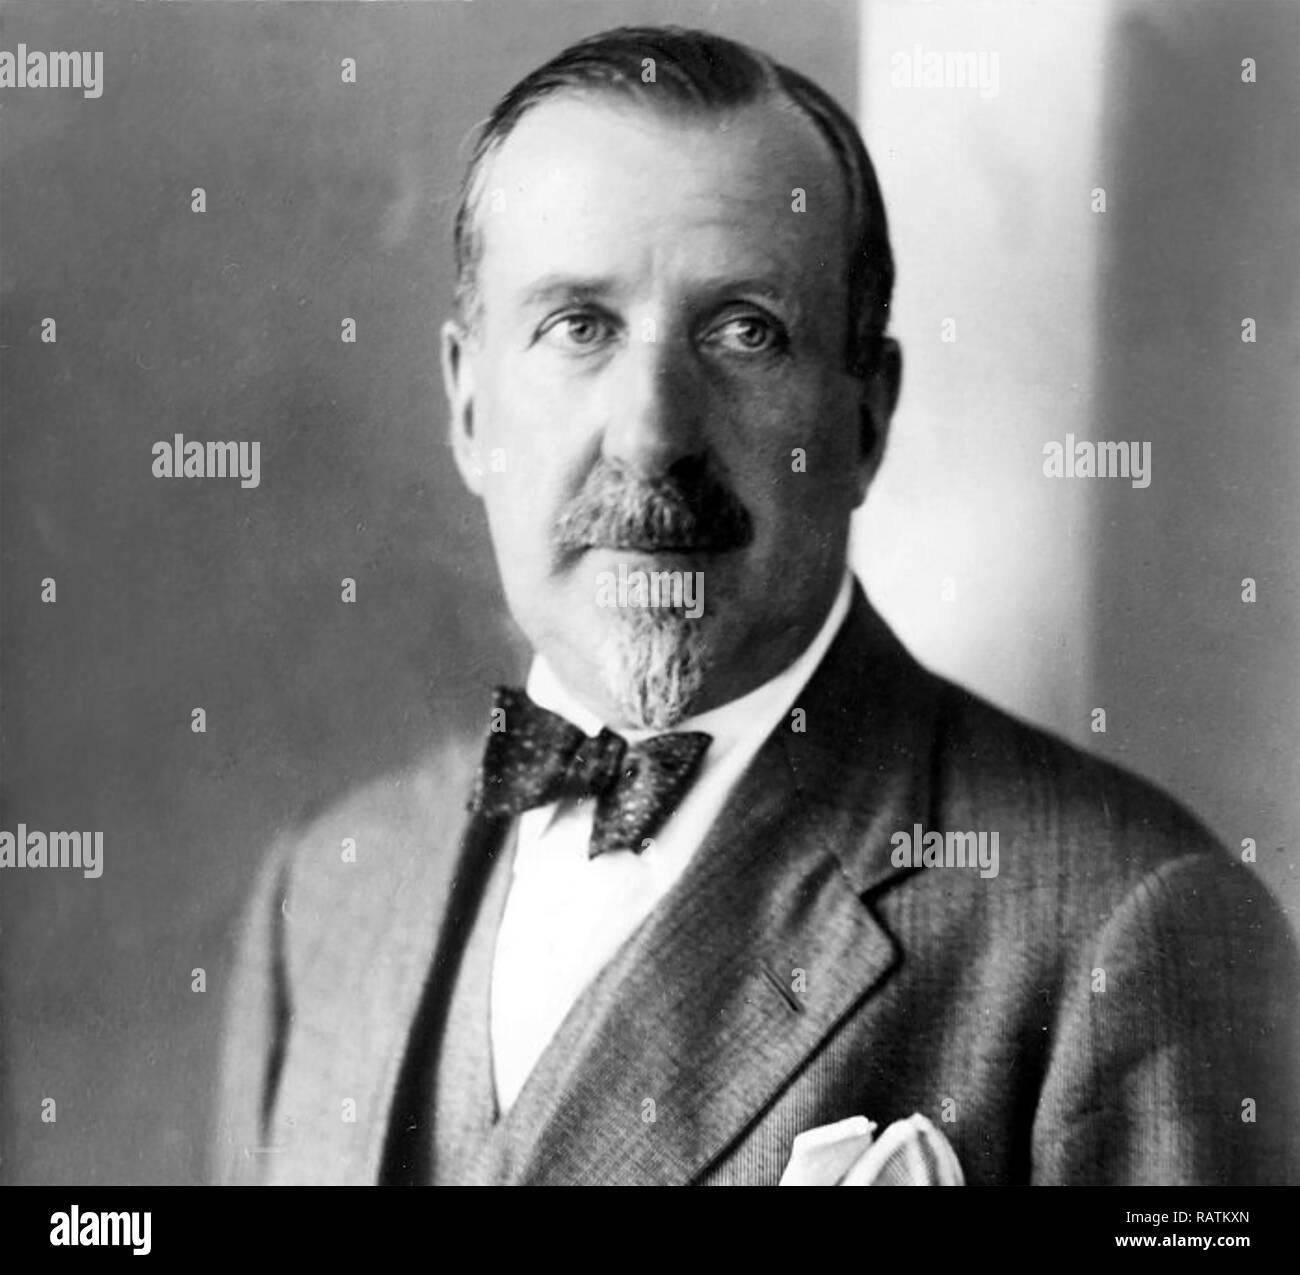 Heinrich Mann franz marc